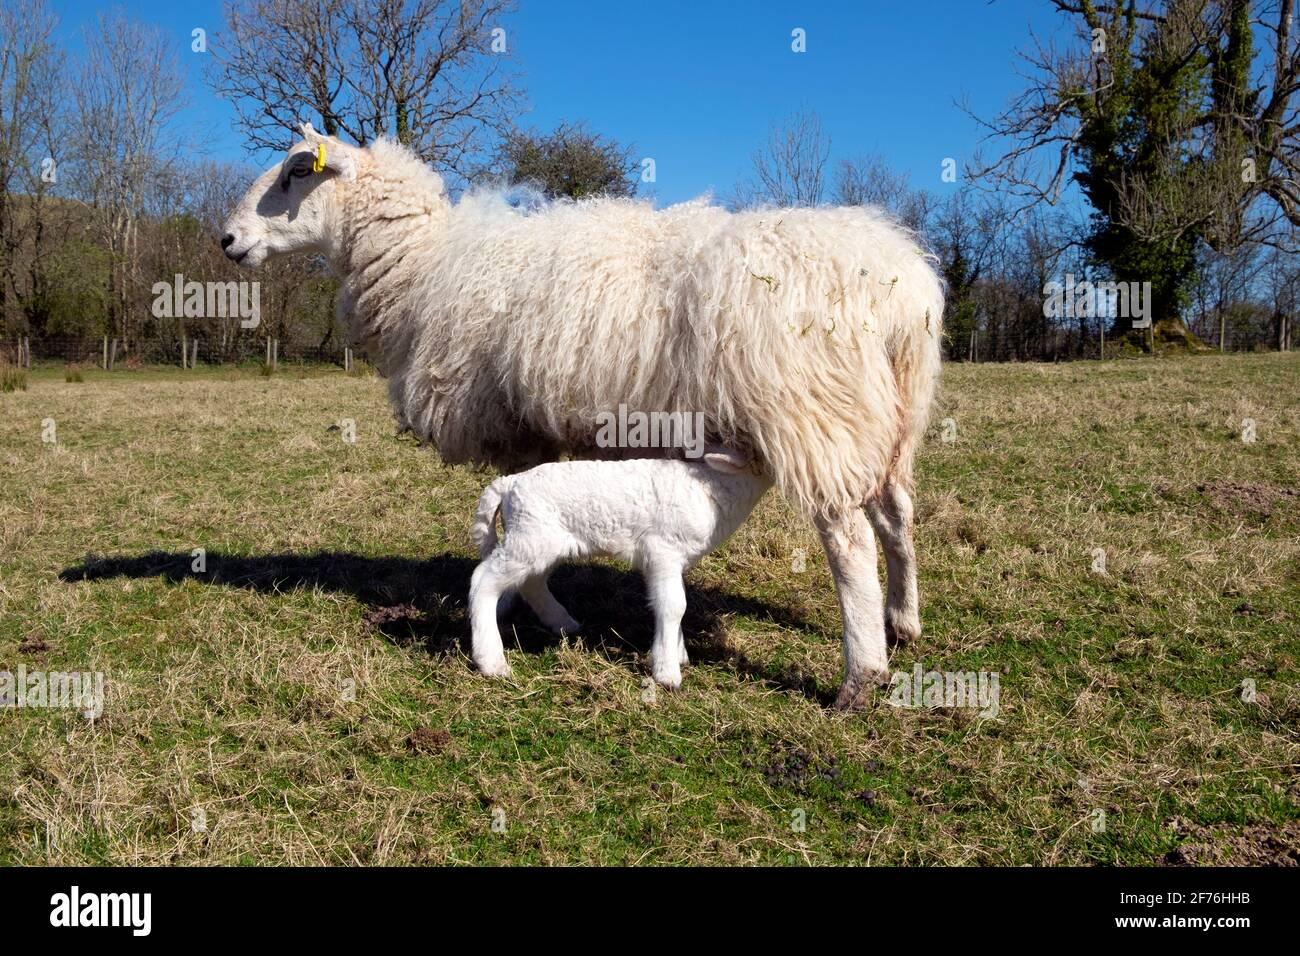 Allattamento pecora e agnello bambino succhiando da madre pecora in piedi In un campo in primavera sole sulla fattoria aprile Carmarthenshire Galles occidentale Regno Unito KATHY DEWITT Foto Stock